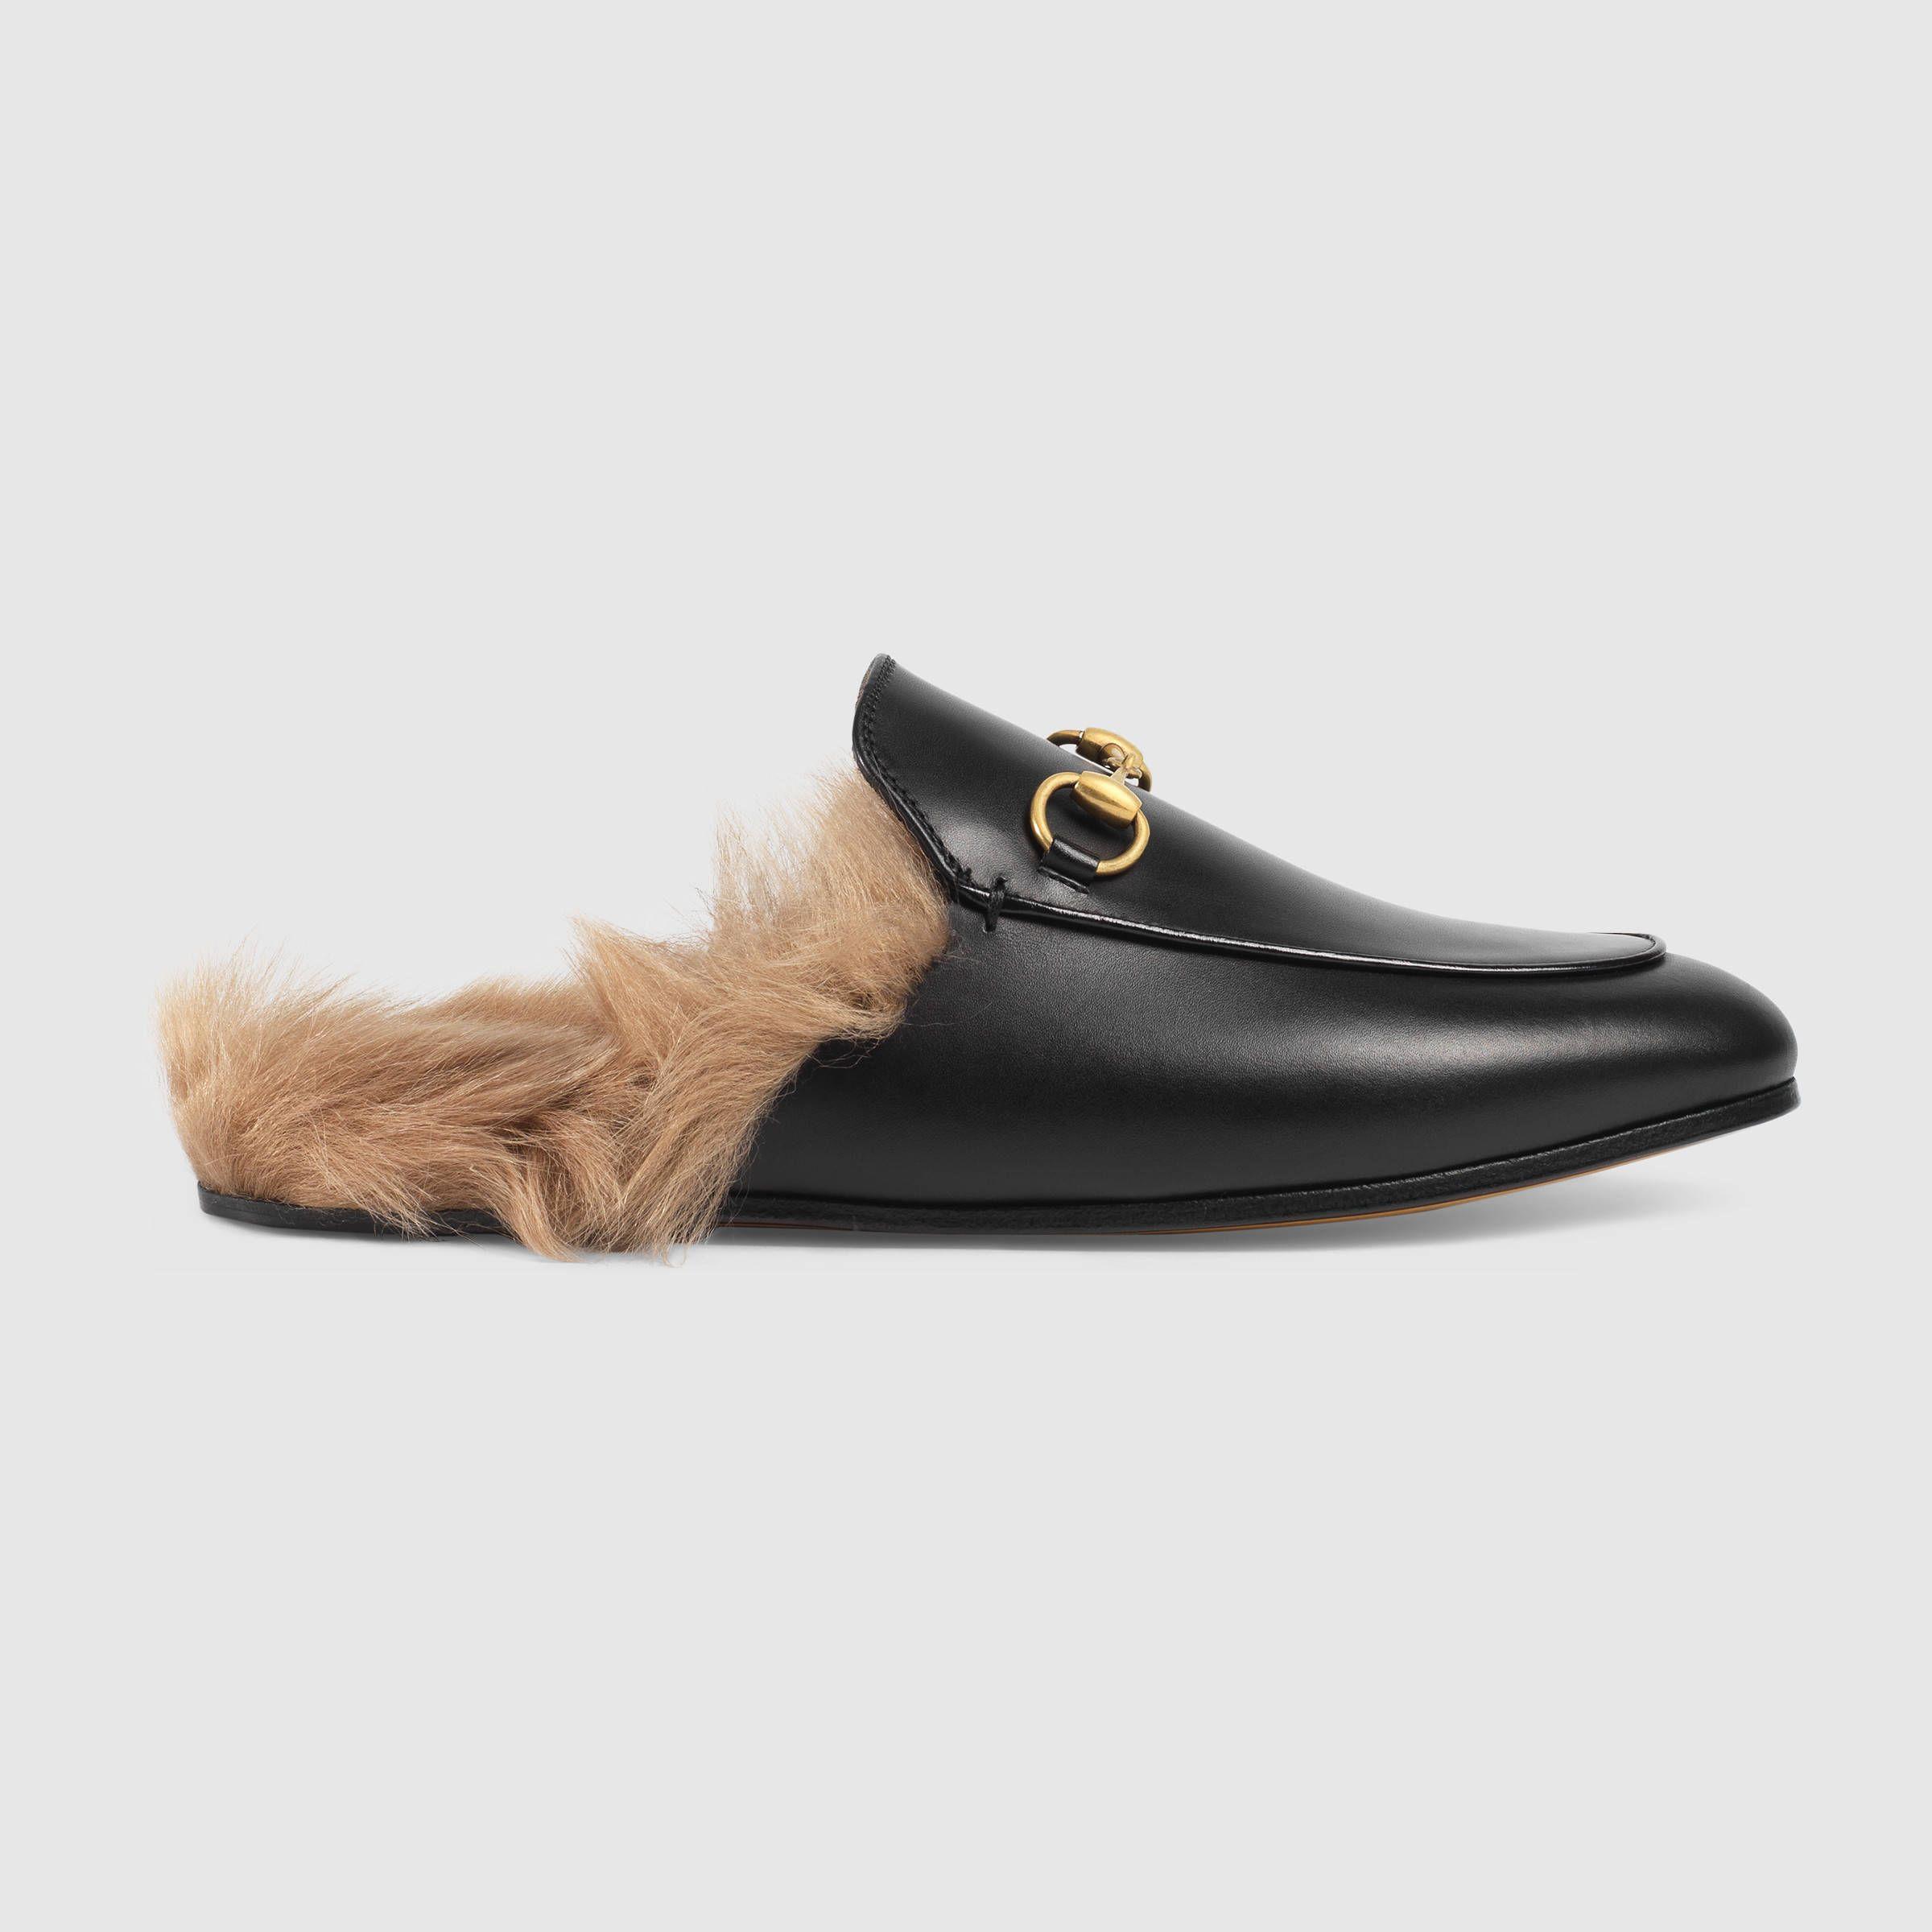 Sandales Pour Femmes, Noir, Cuir Suède, 2017, 37 Gucci